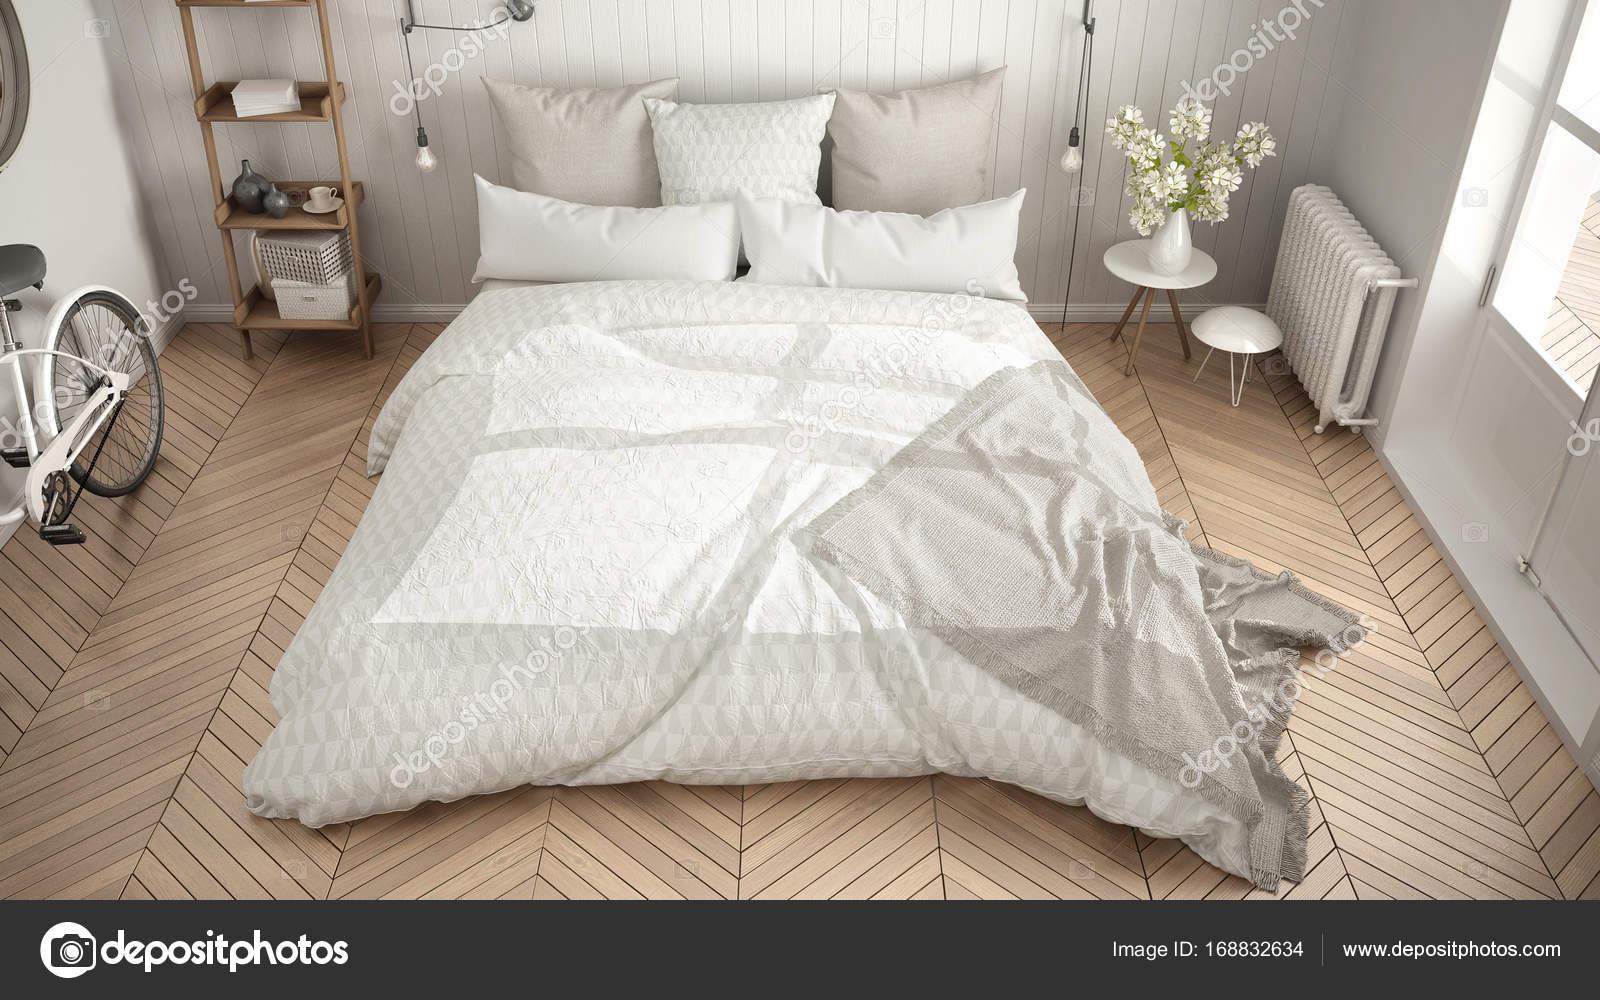 Arredamento Minimalista Camera Da Letto : Camera da letto minimalista scandinavo con grande finestra e a